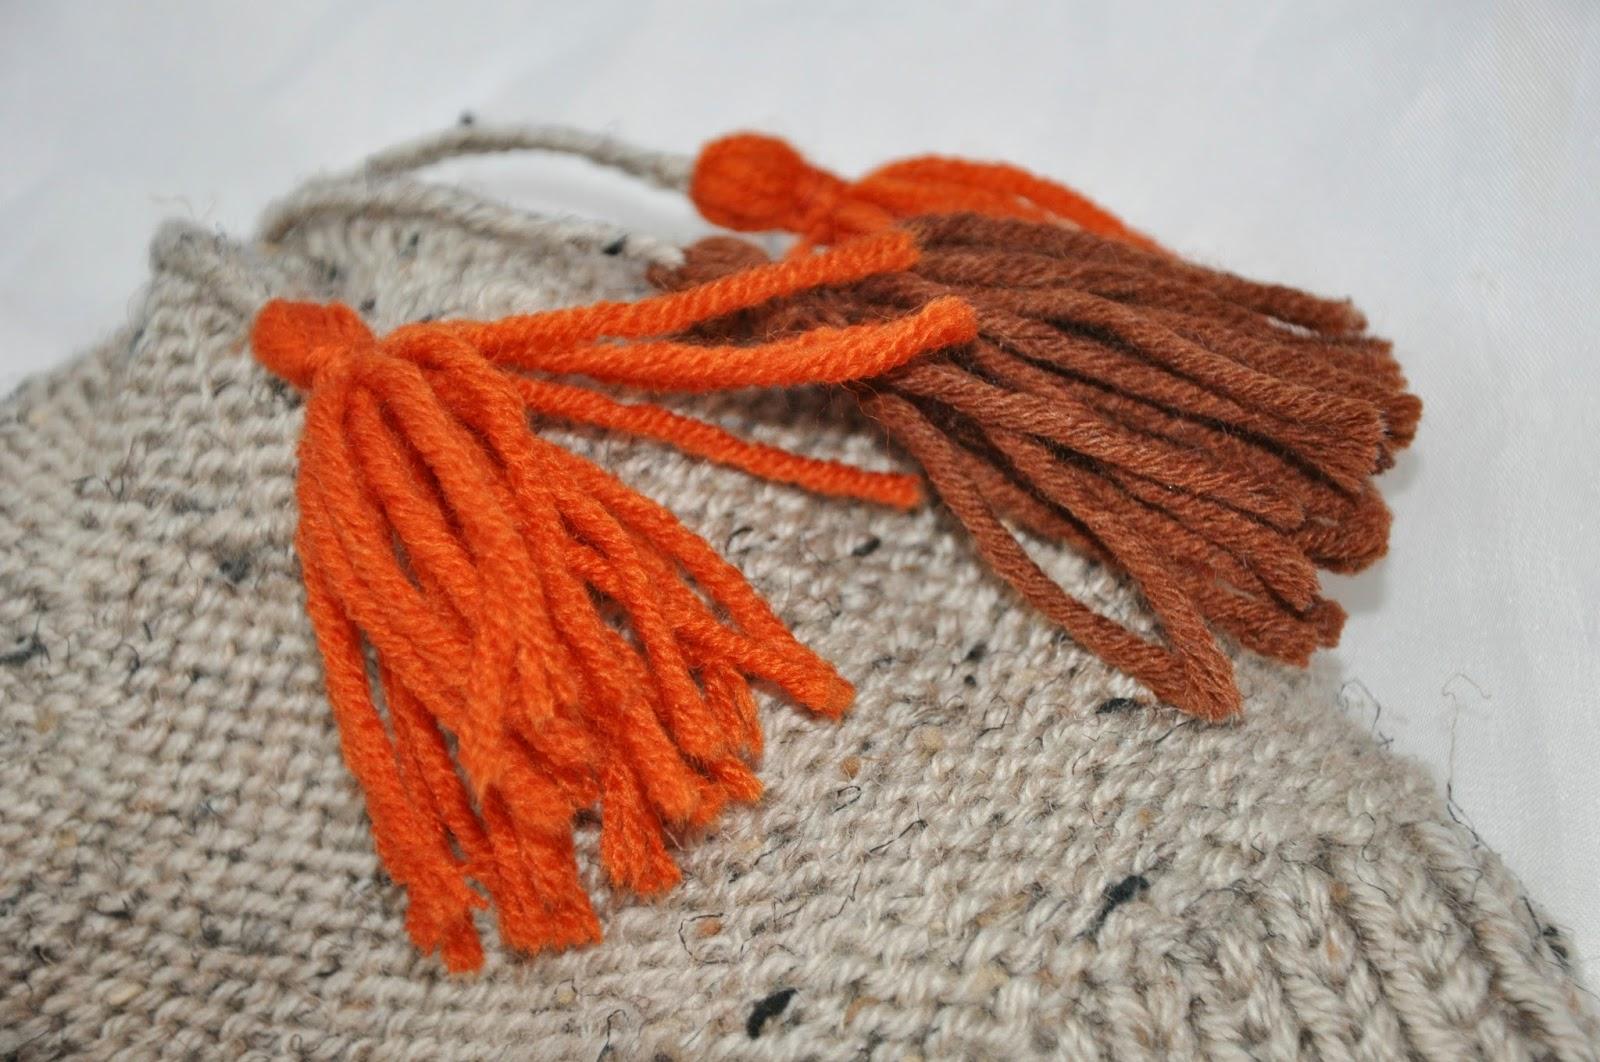 Коврики для дома и дачи своими руками: разные виды, материалы, технологии 52